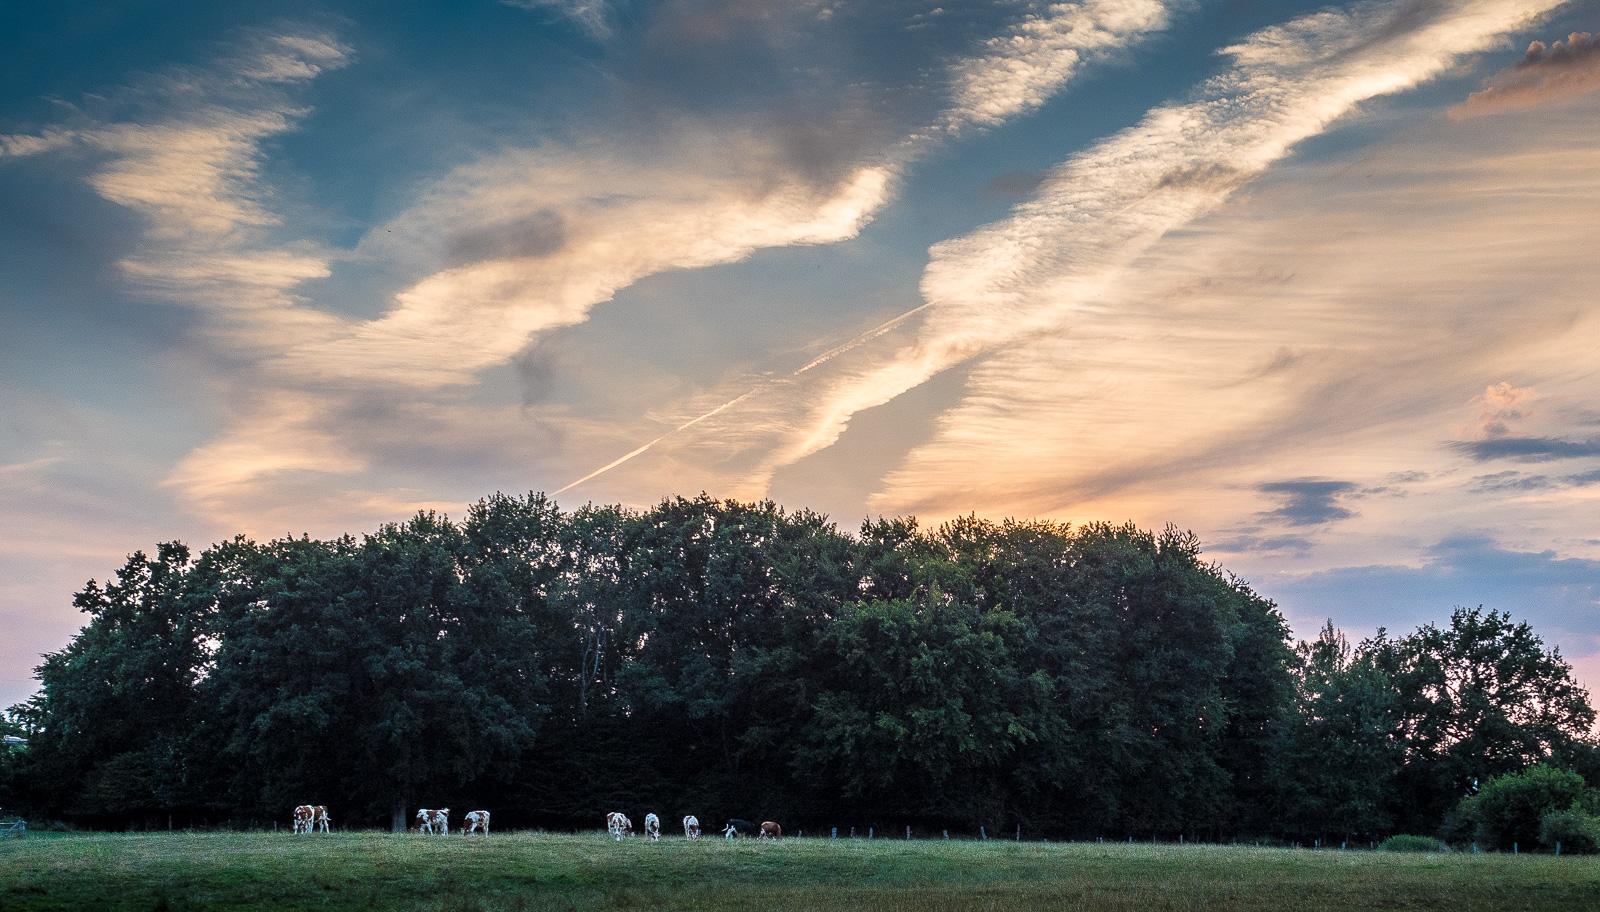 spektakulär beleuchtete Wolken am Abendhimmel, davor ein Wäldchen, davor acht Kühe auf der Wiese